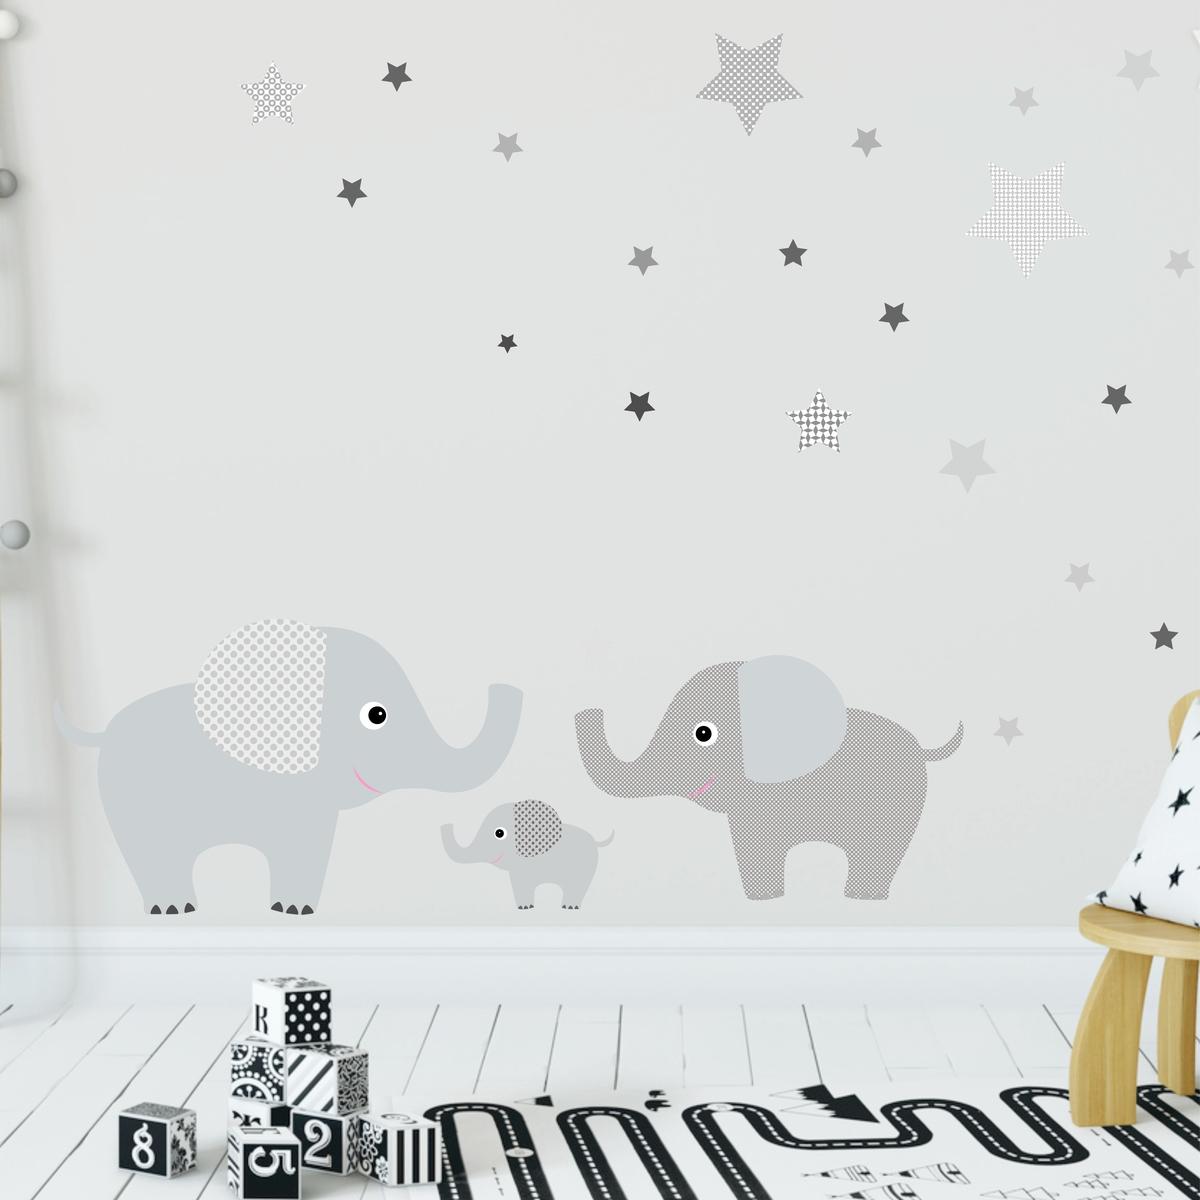 Full Size of Wandsticker Kinderzimmer Junge Stern Sternen Set Grau Mit Mustern Küche Regal Sofa Regale Weiß Kinderzimmer Wandsticker Kinderzimmer Junge